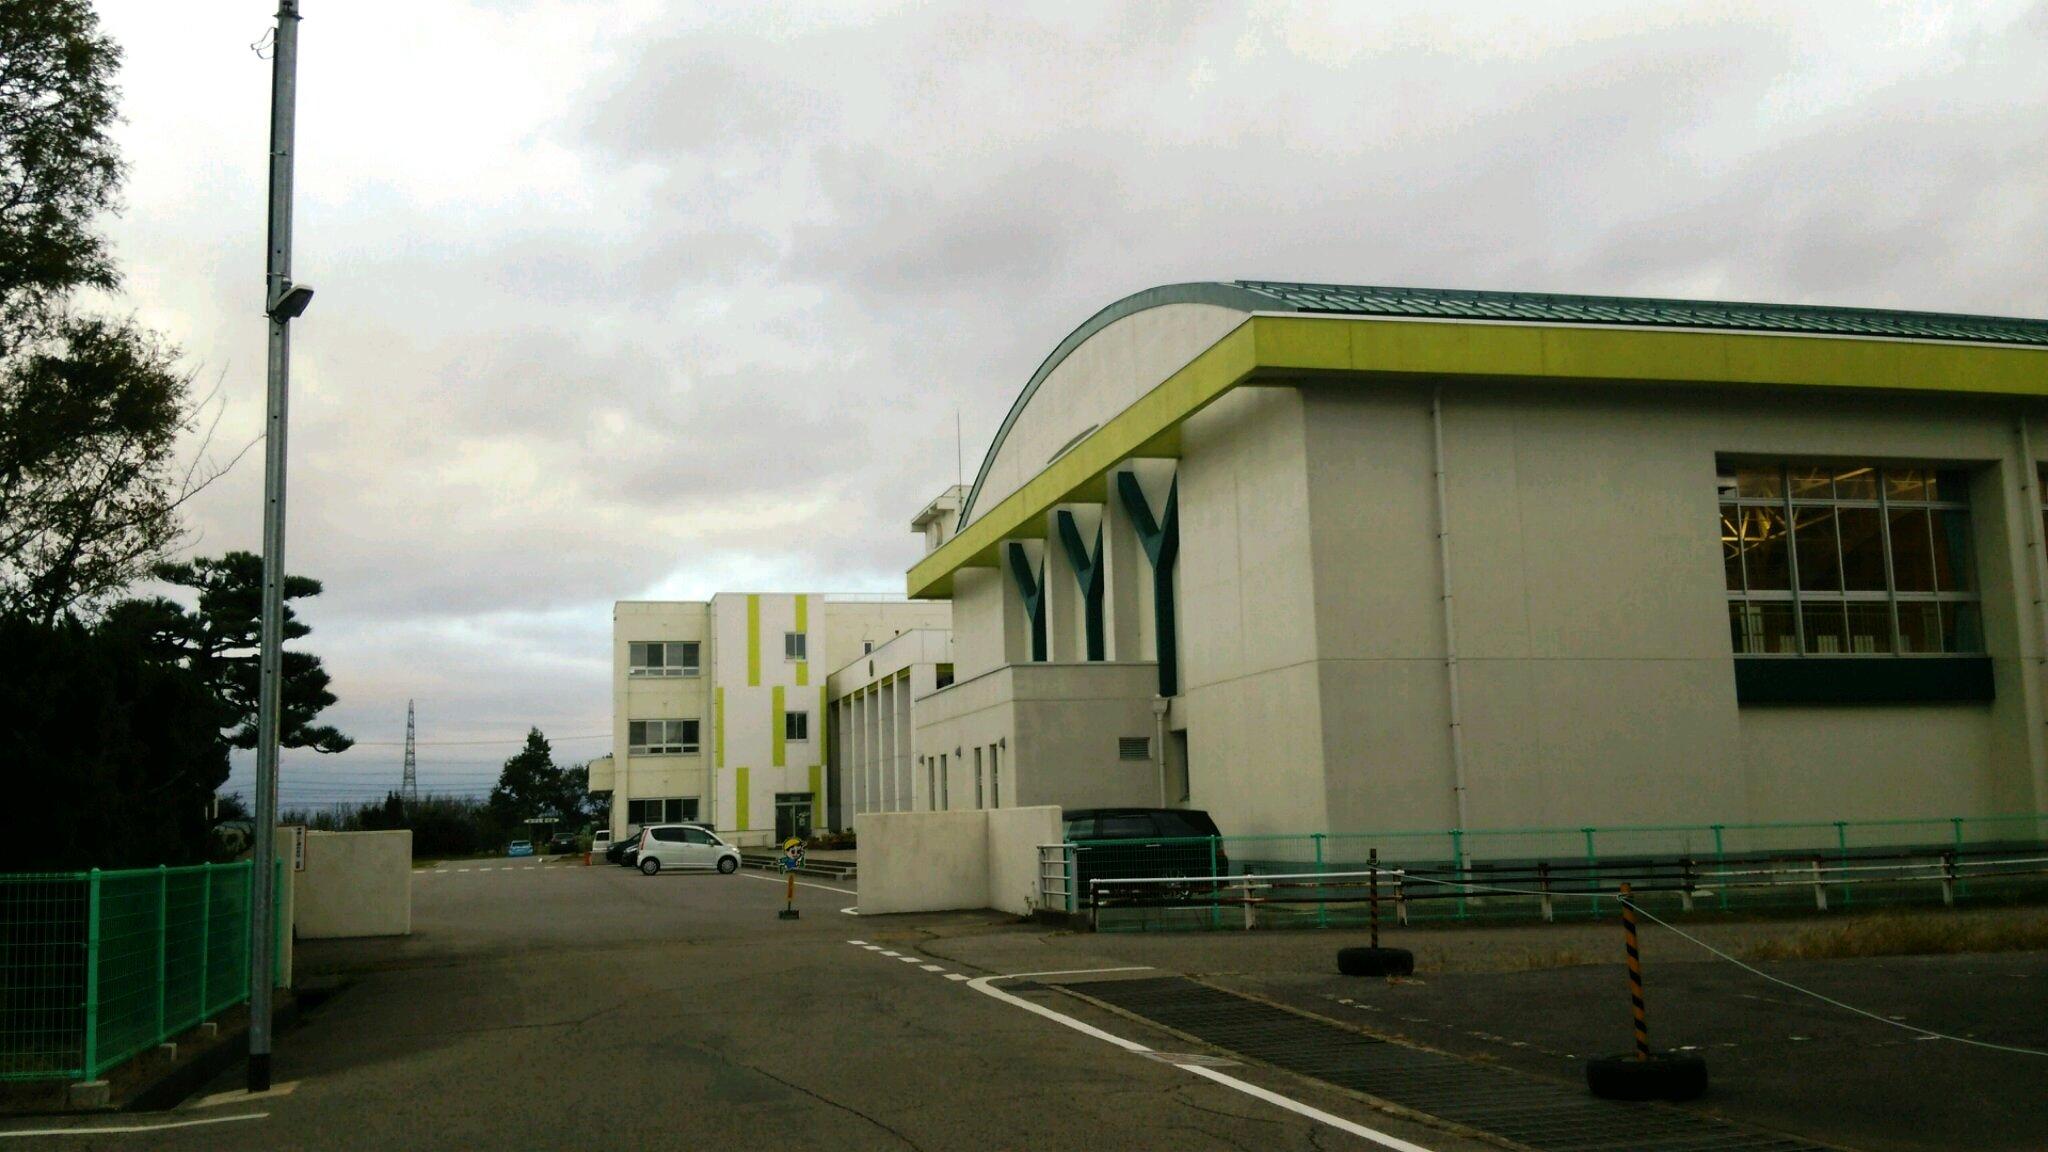 射水市立作道小学校 - Wikipedia